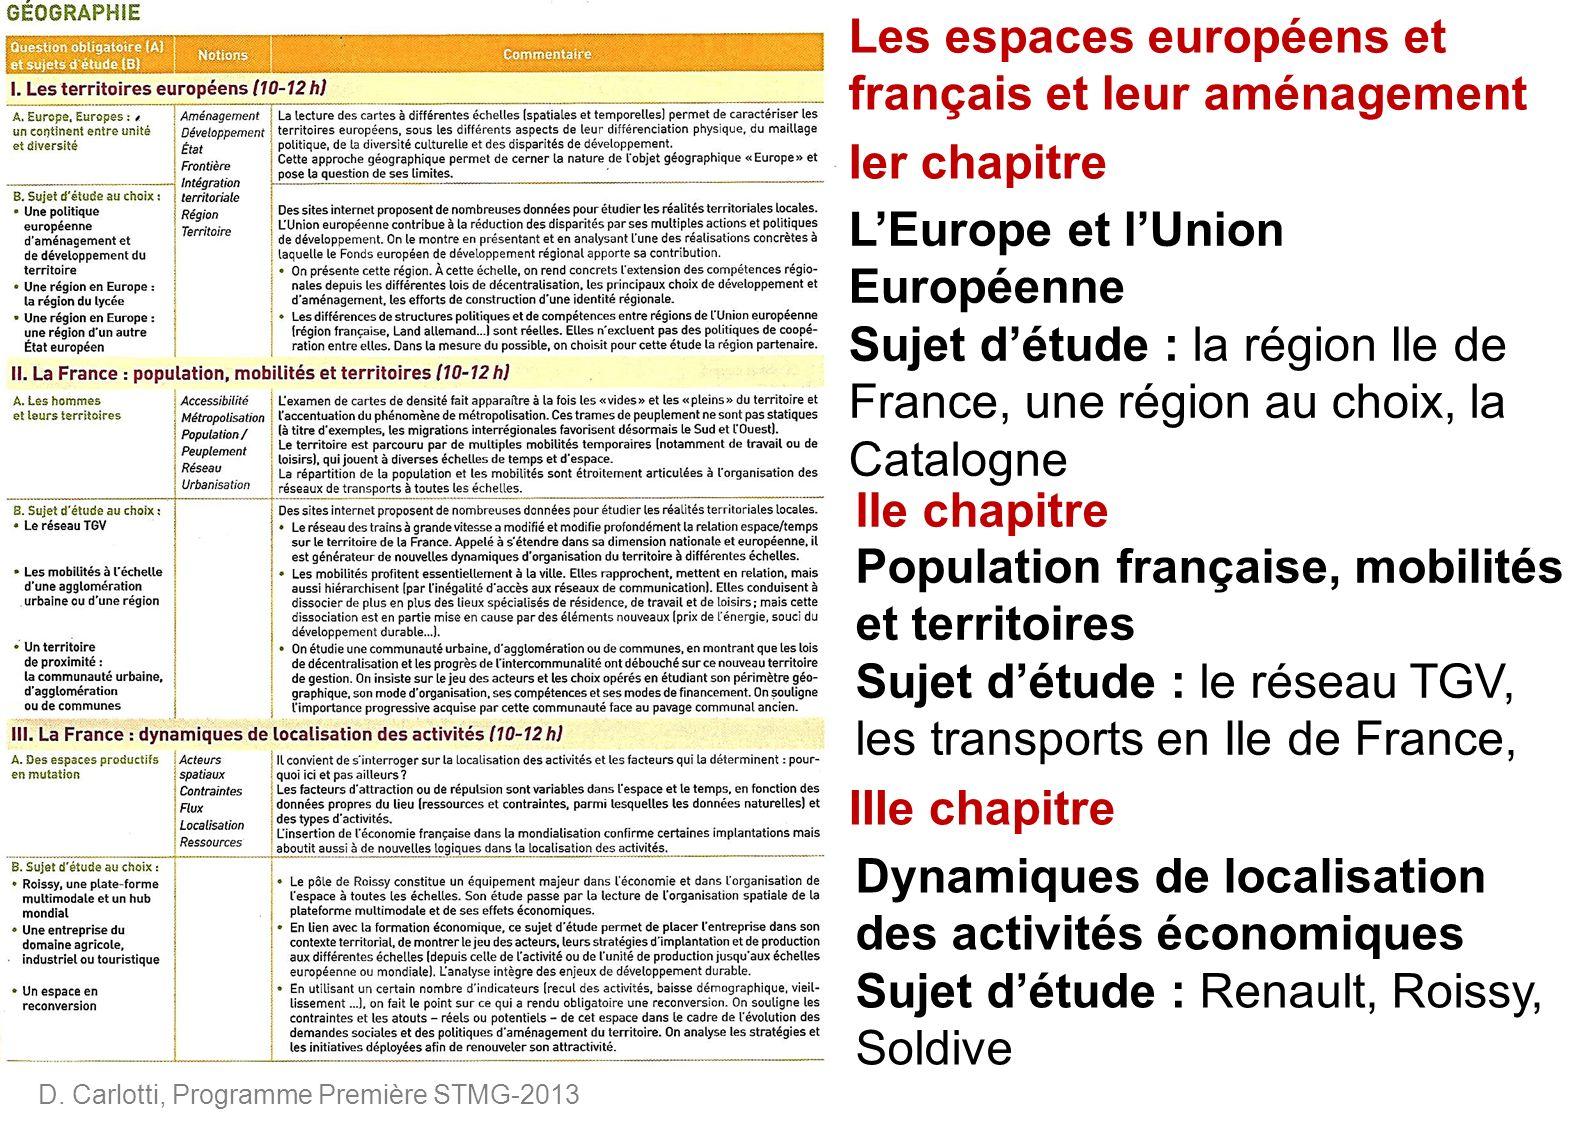 Les espaces européens et français et leur aménagement